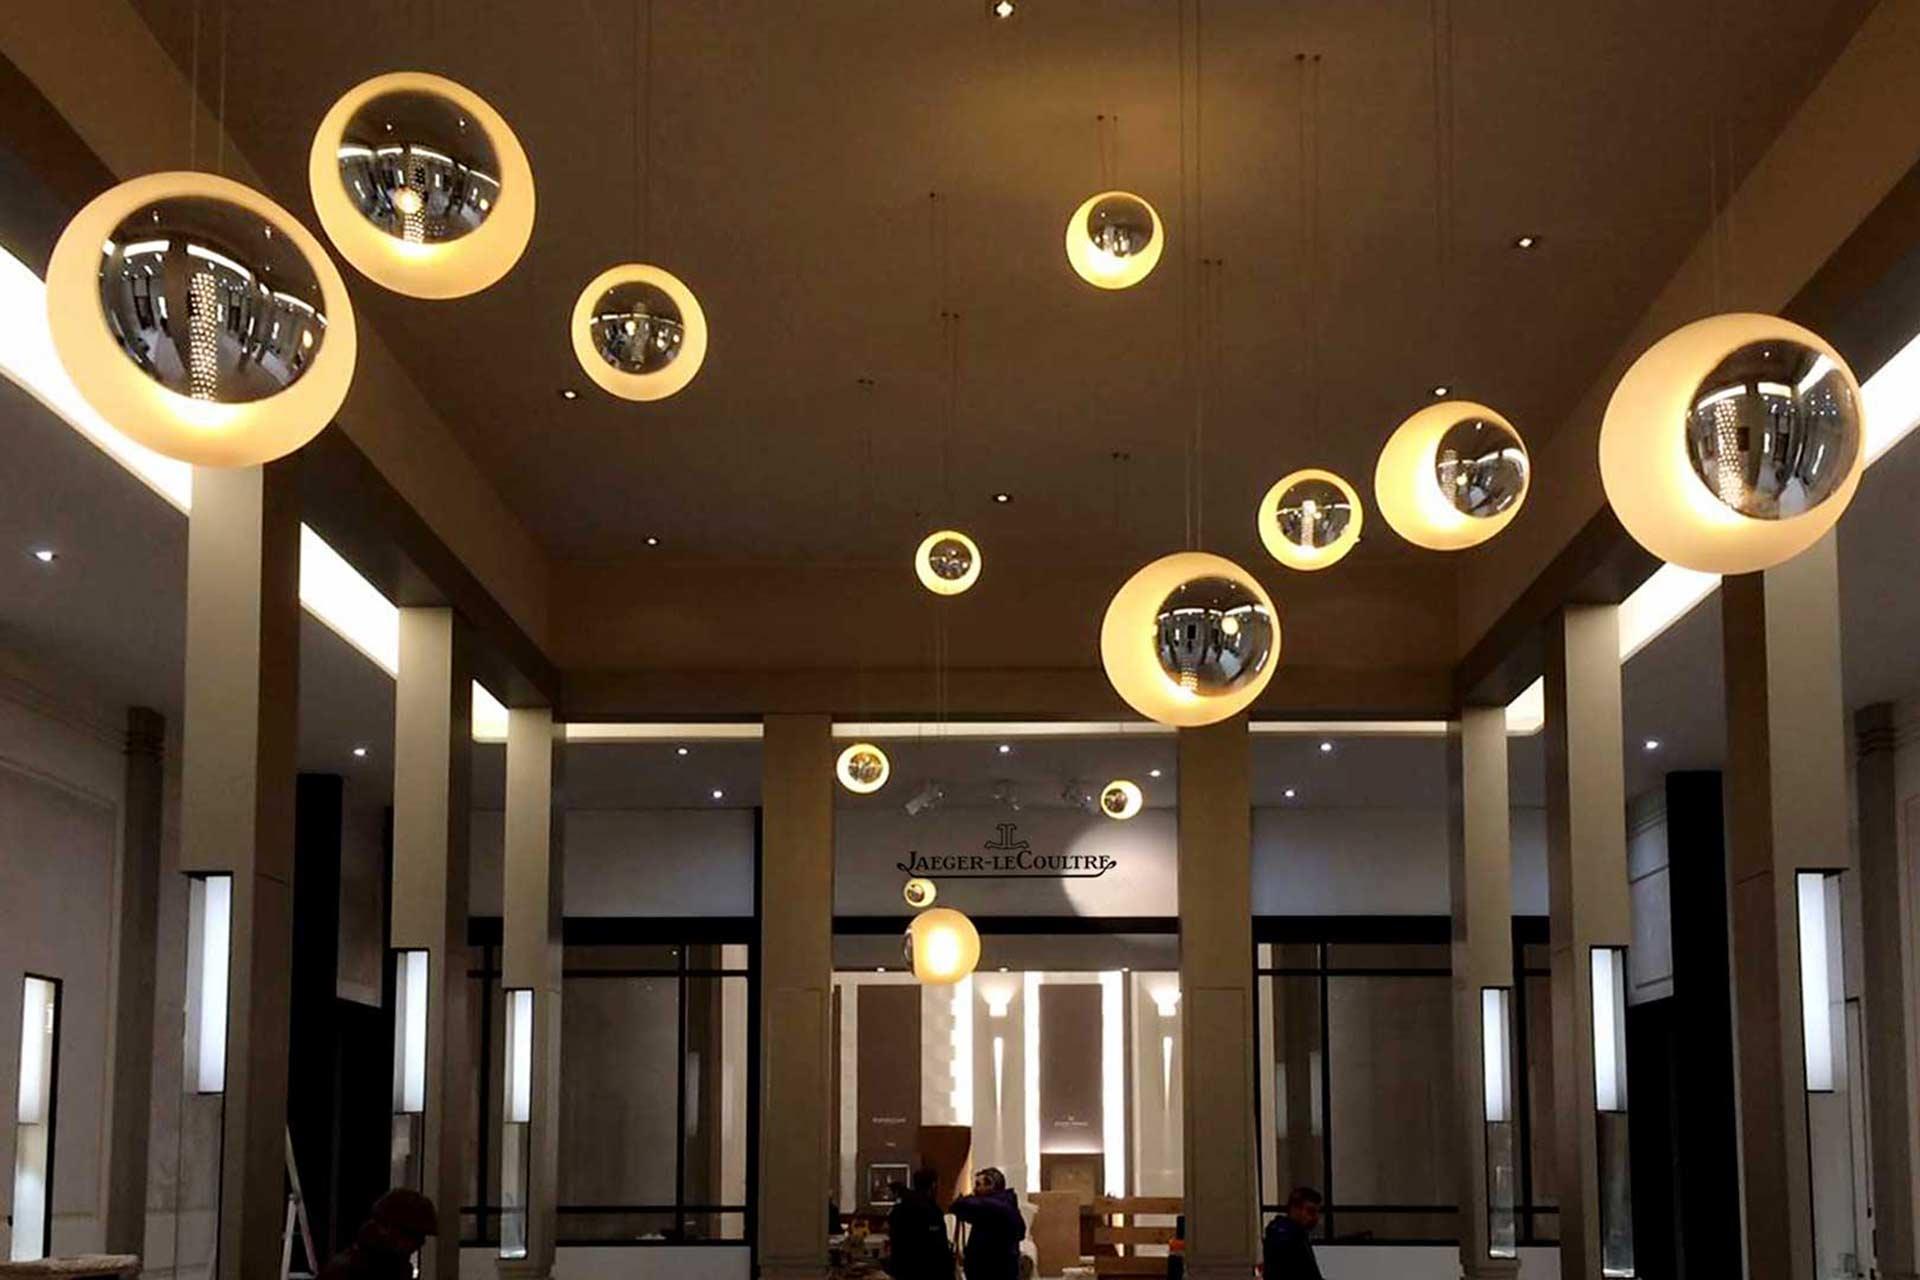 Fabrication des parties en verre poli des lustres du Hall d'entrée de Jaeger-LeCoultre Paris. Réalisation par le Maître Verrier Olivier Juteau